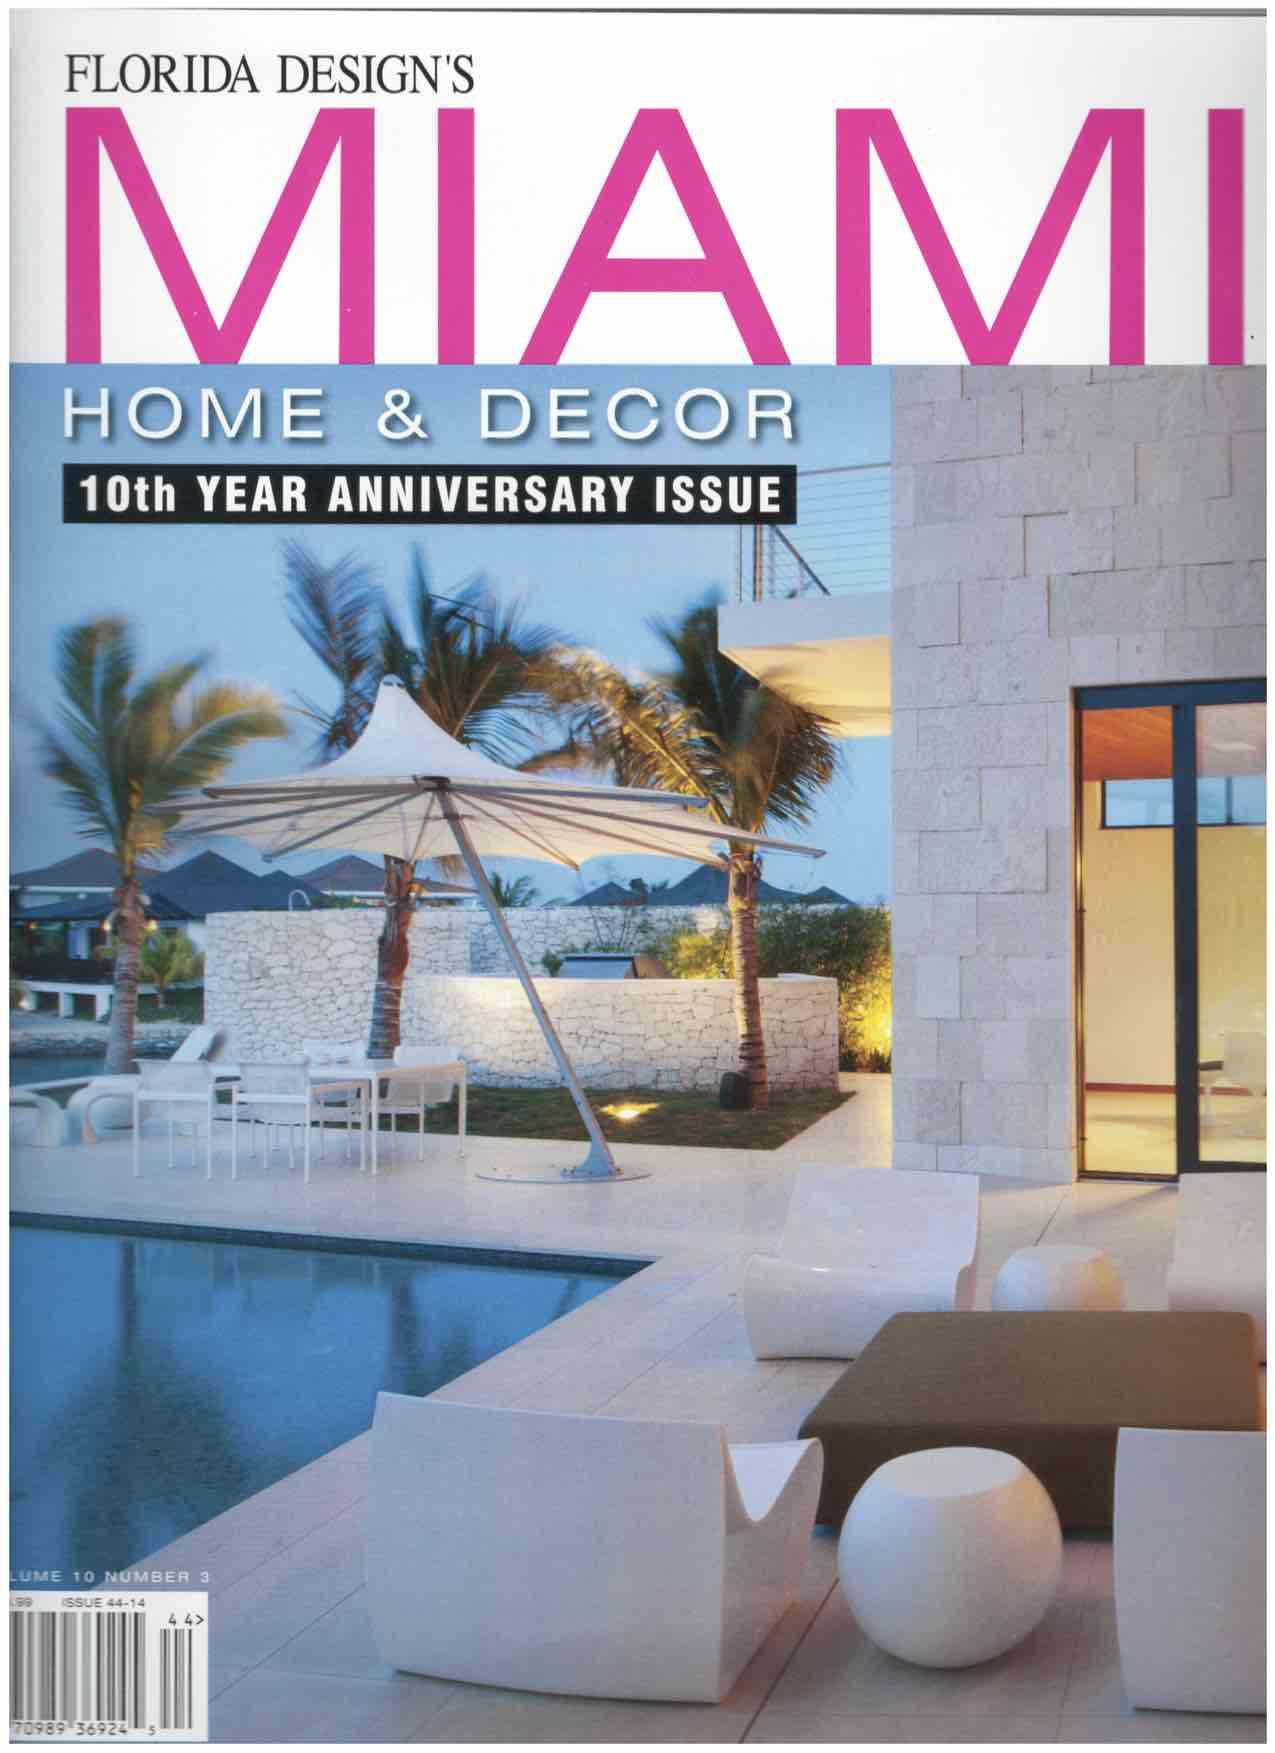 Miami Cover copy.jpg